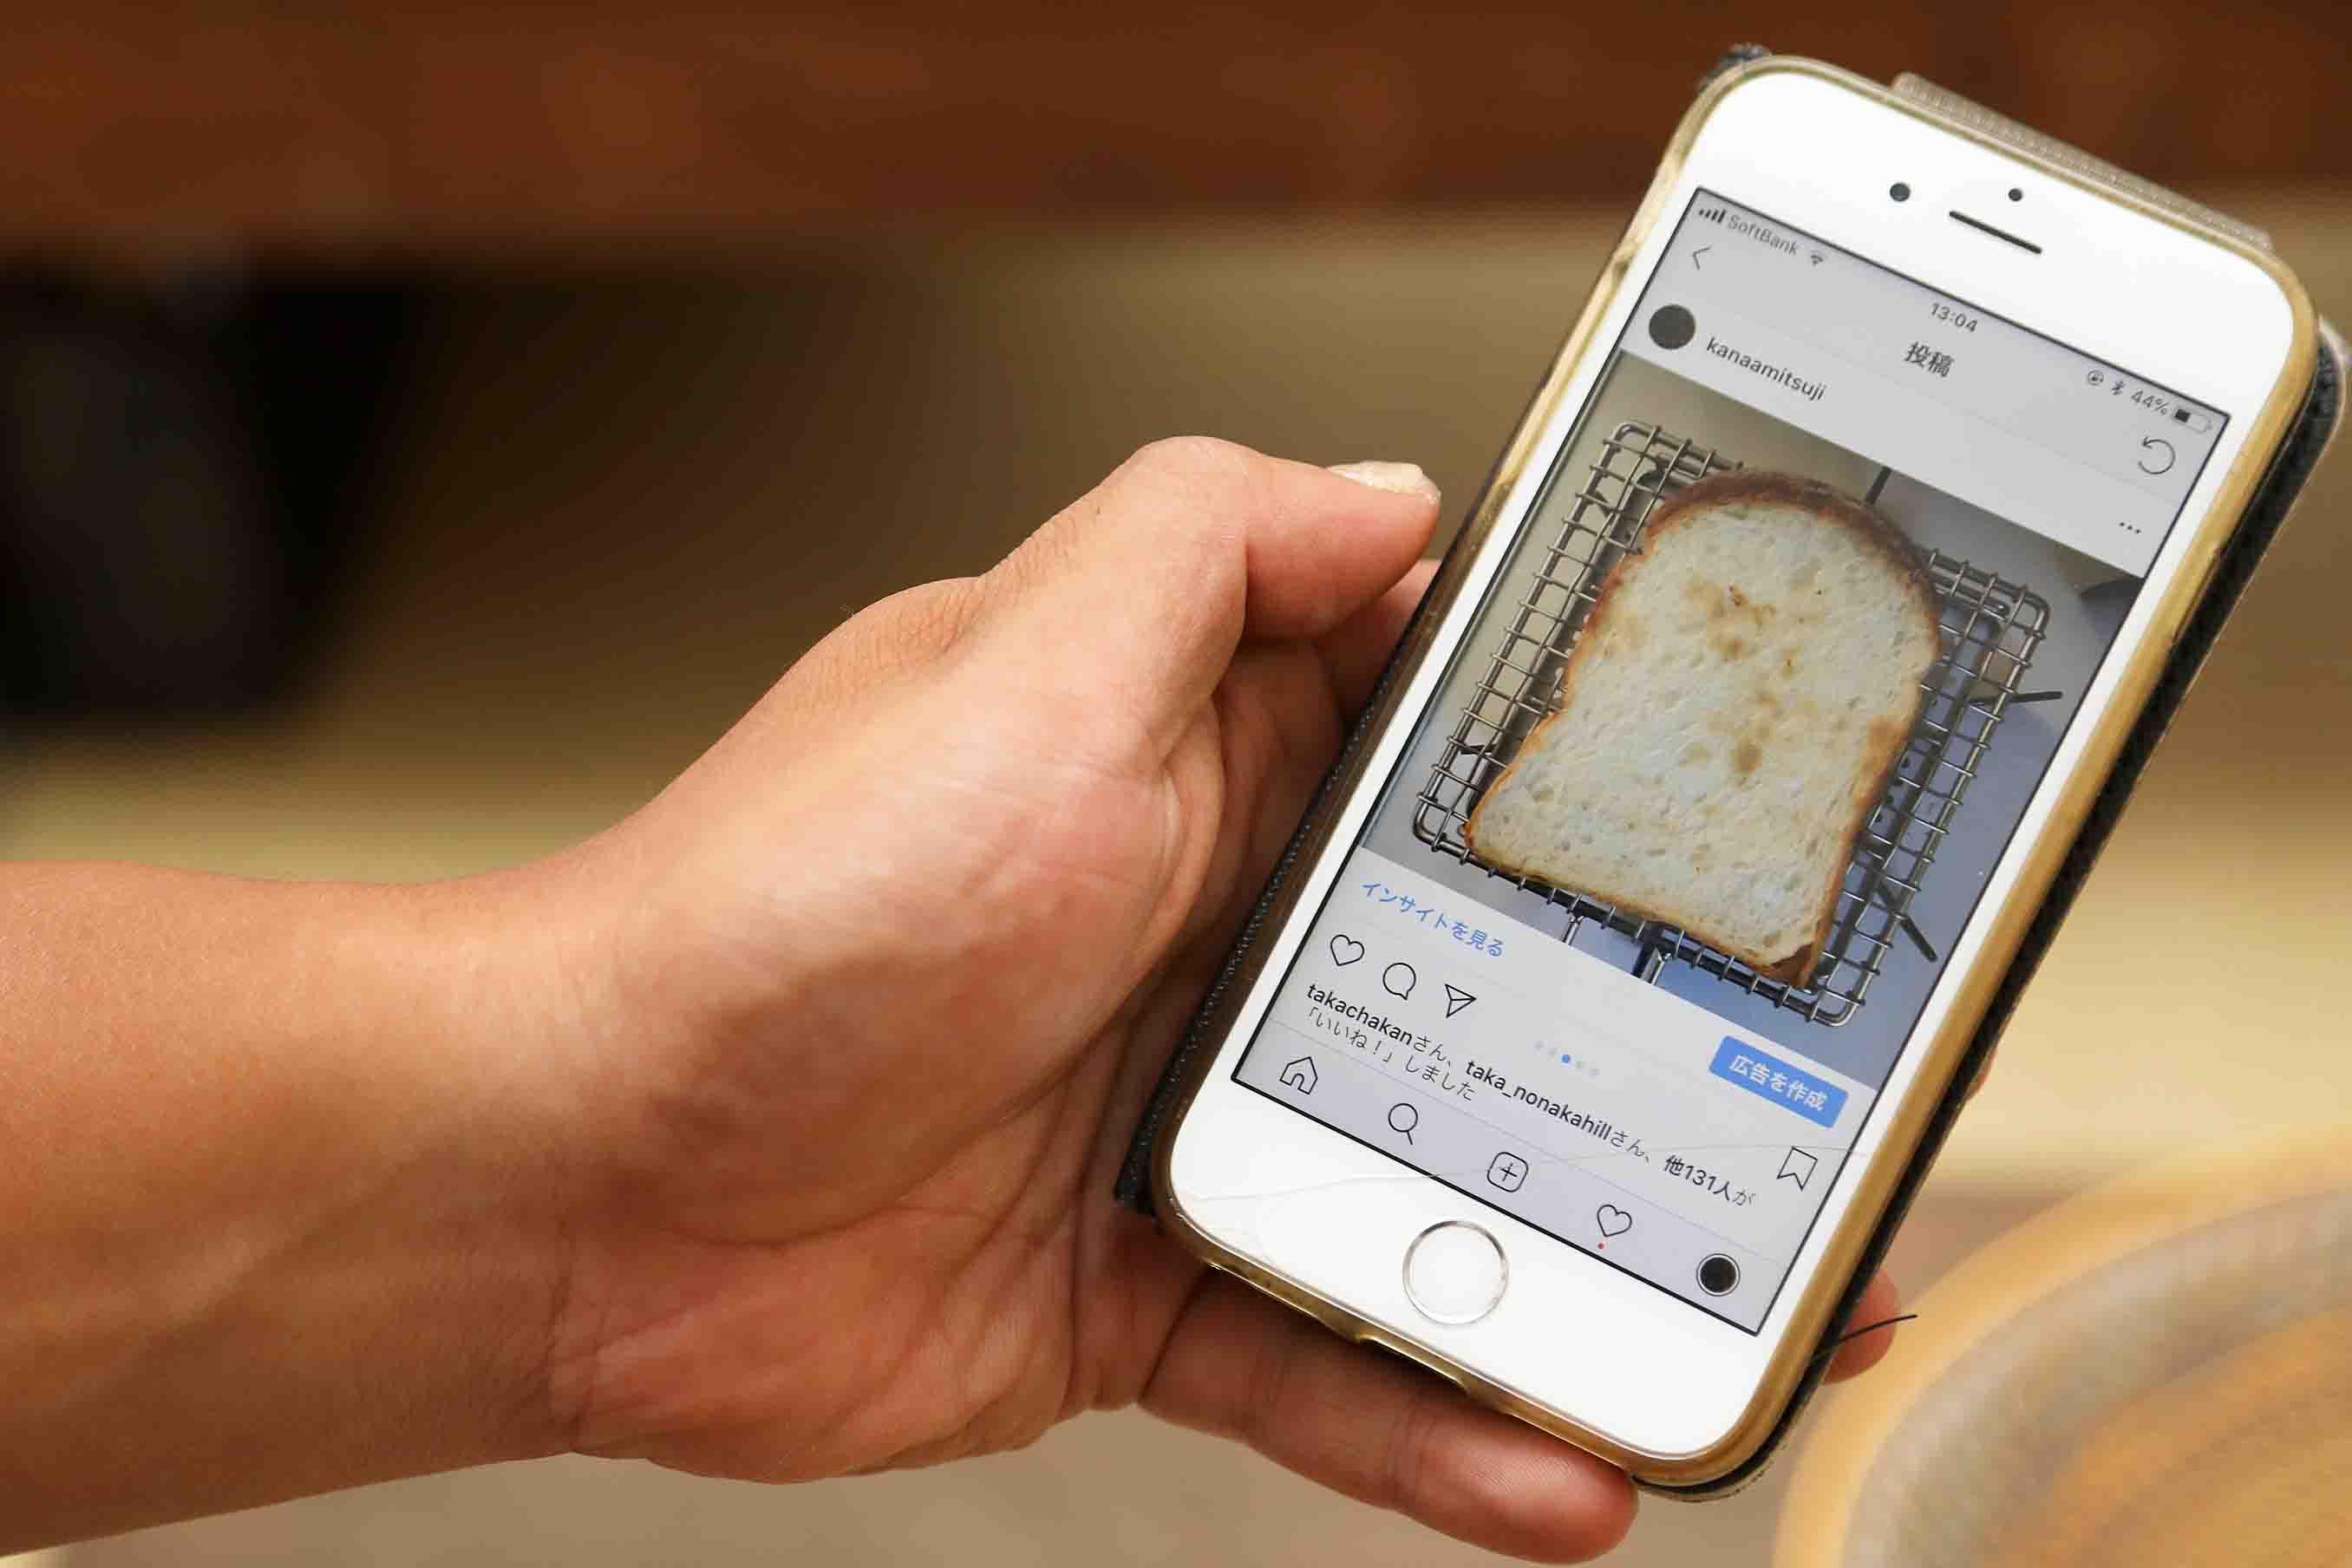 パンの焼き方を映したインスタグラムの投稿